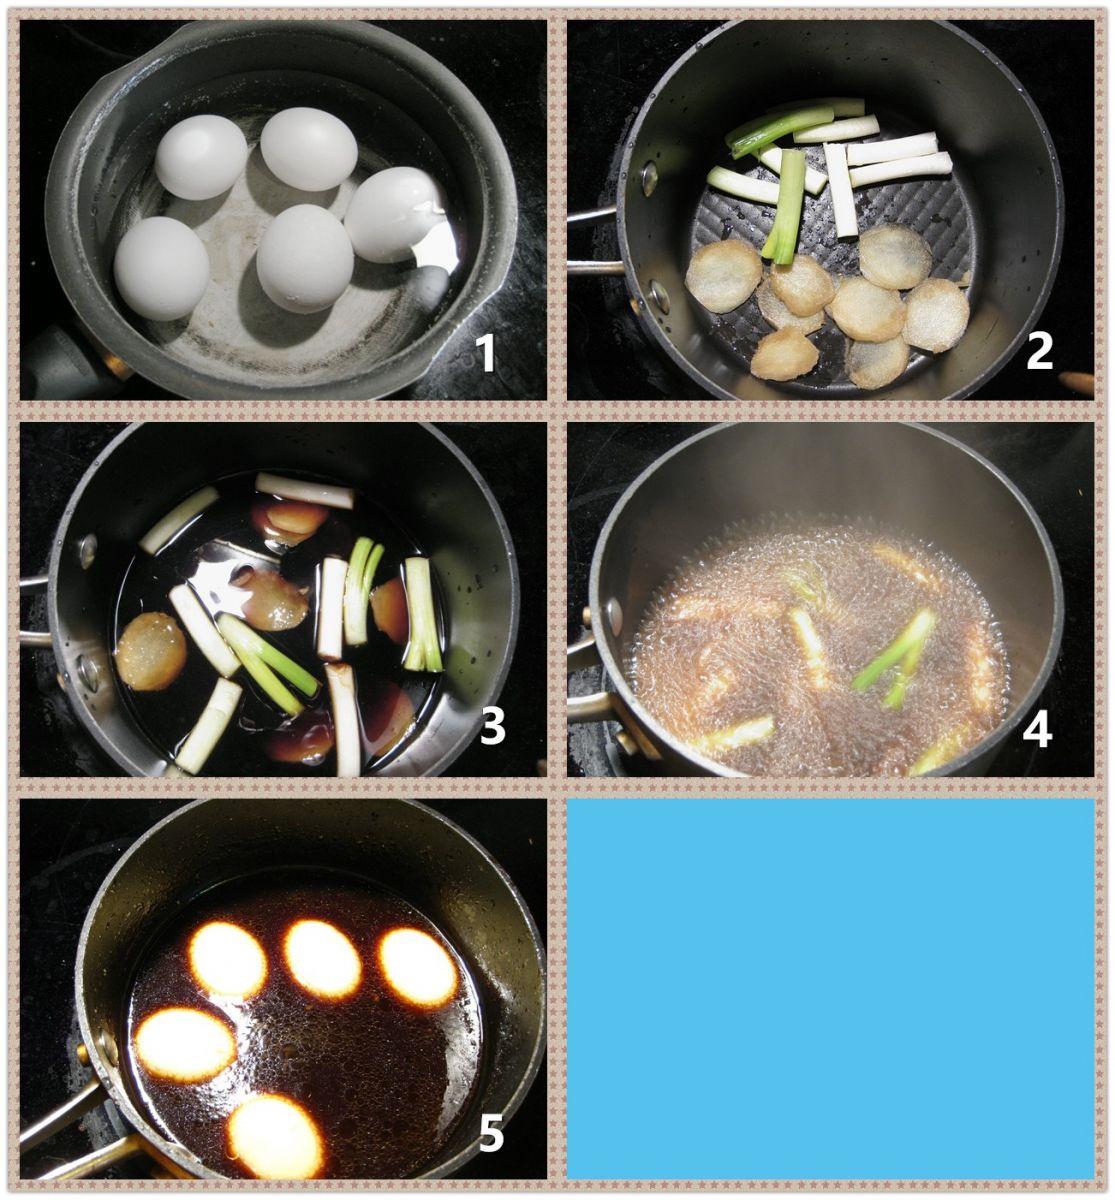 五杯卤鸡蛋_图1-2